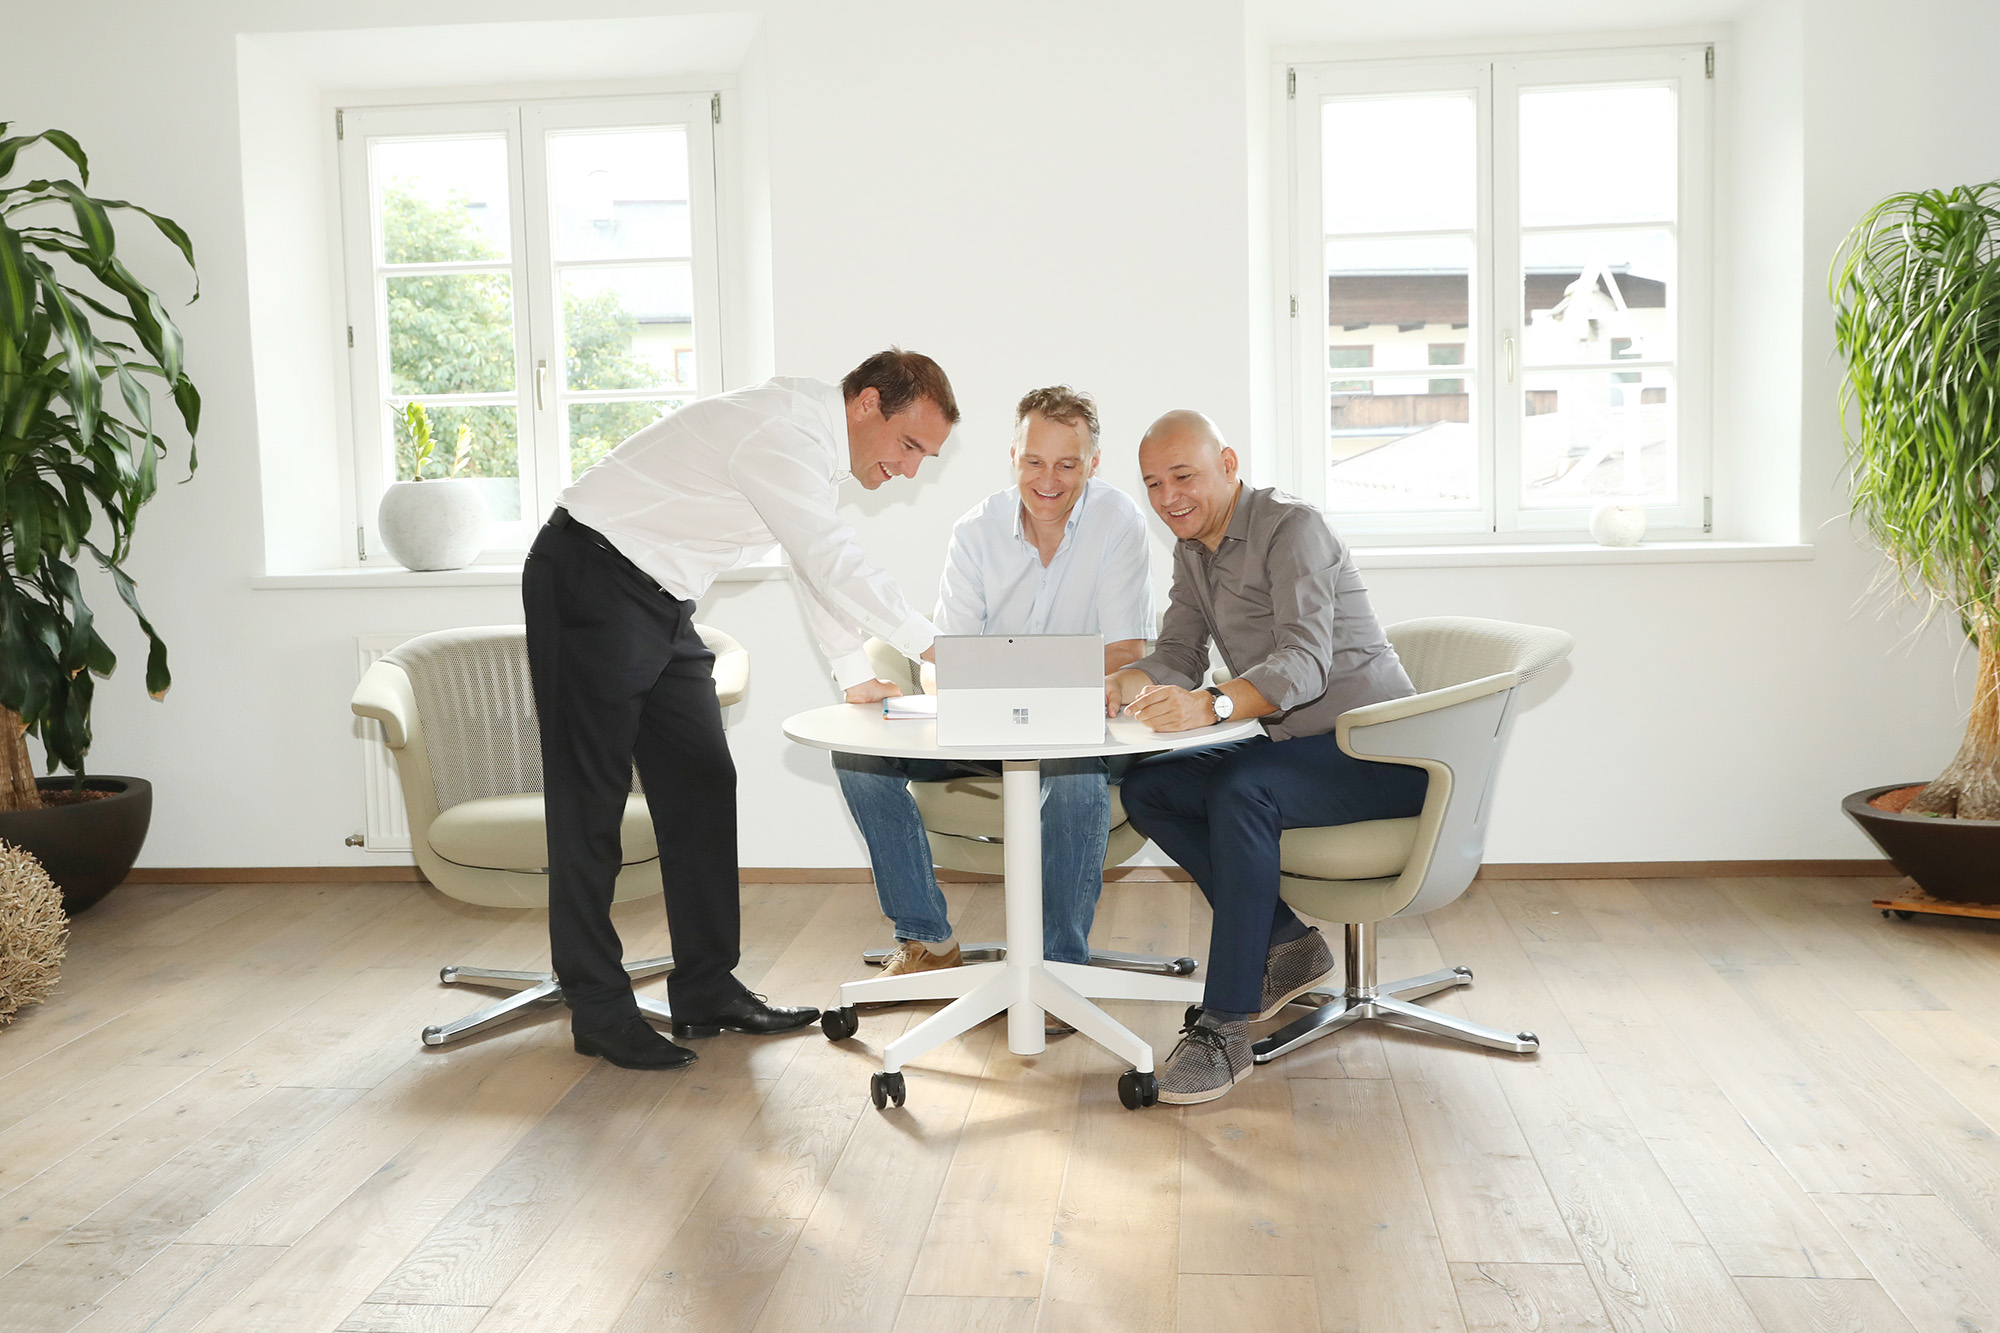 Besprechnung, Verkauf, Chefgespräch, Entscheider, Leadership, Führung, ManagementMeeting, Erfolg, Kommunikation, Vertrieb, Verkauf